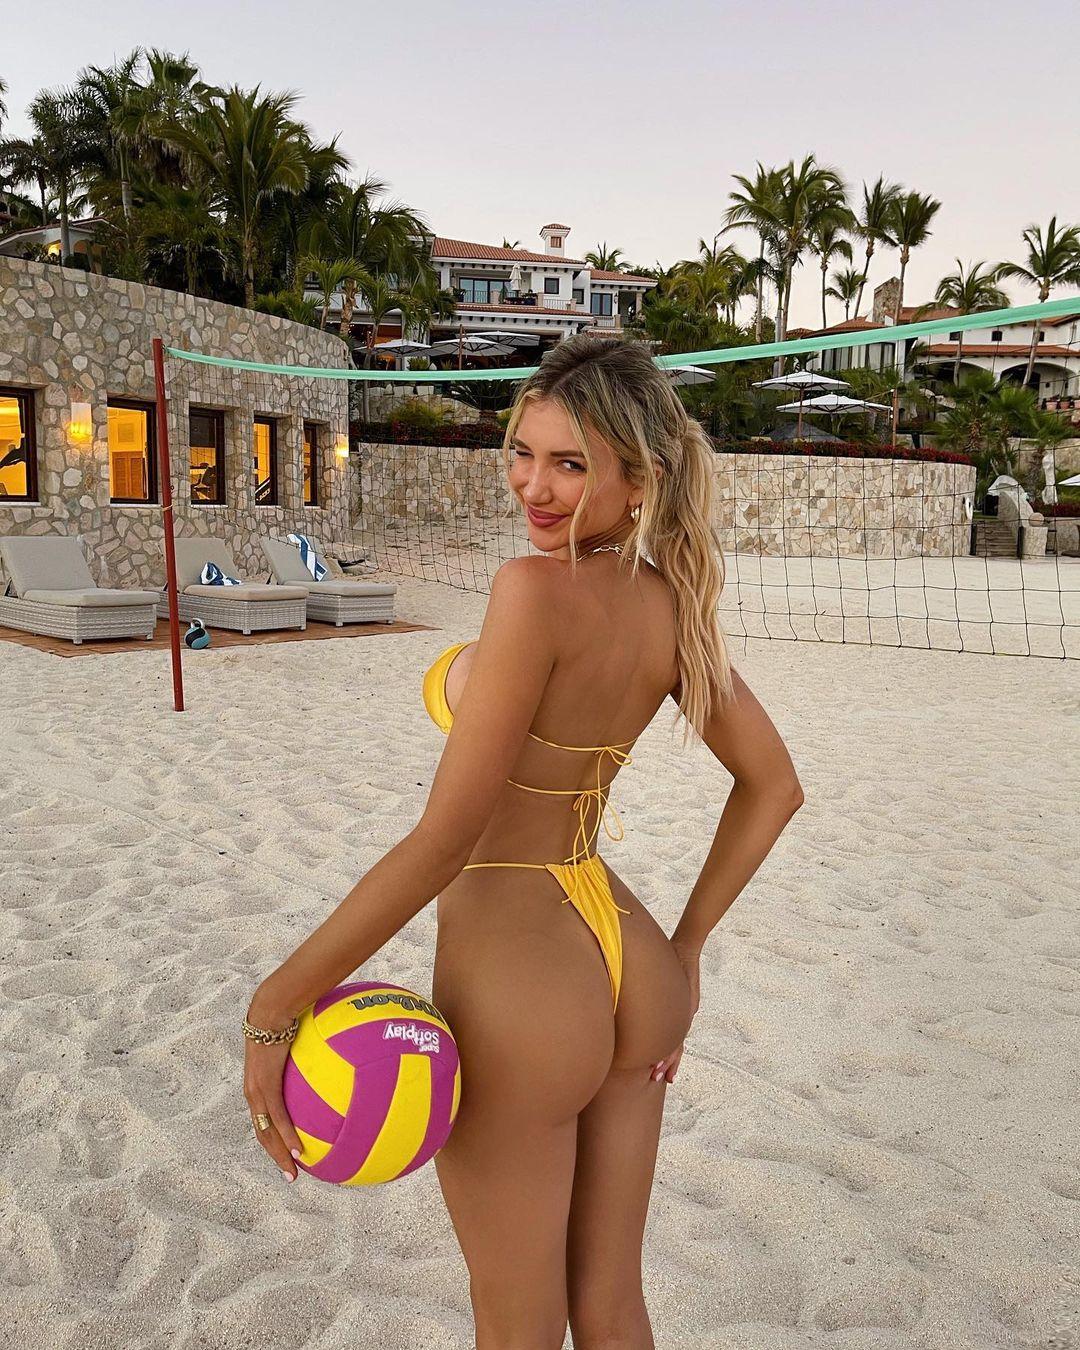 ガブリエラ・エプスタイン「エッチすぎるビーチバレー」インスタグラムも思わず削除?【画像4枚】の画像001